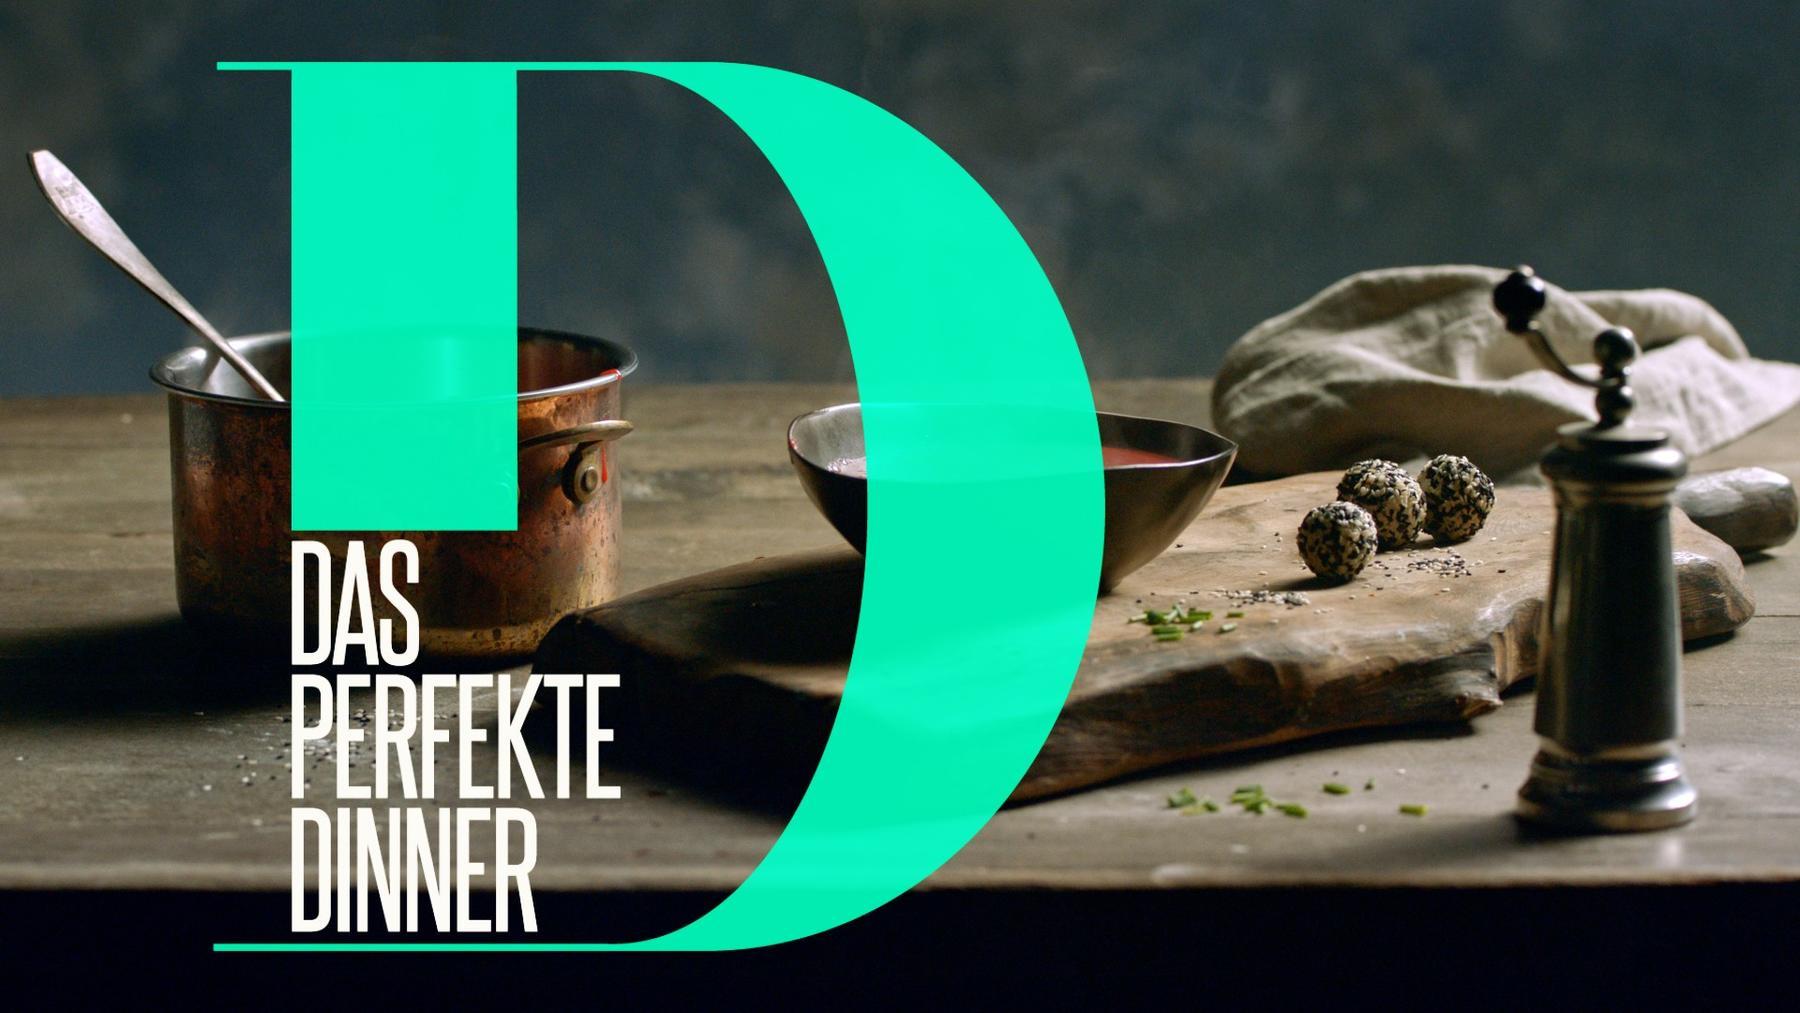 Das perfekte Dinner - 10 Jahre Dinner